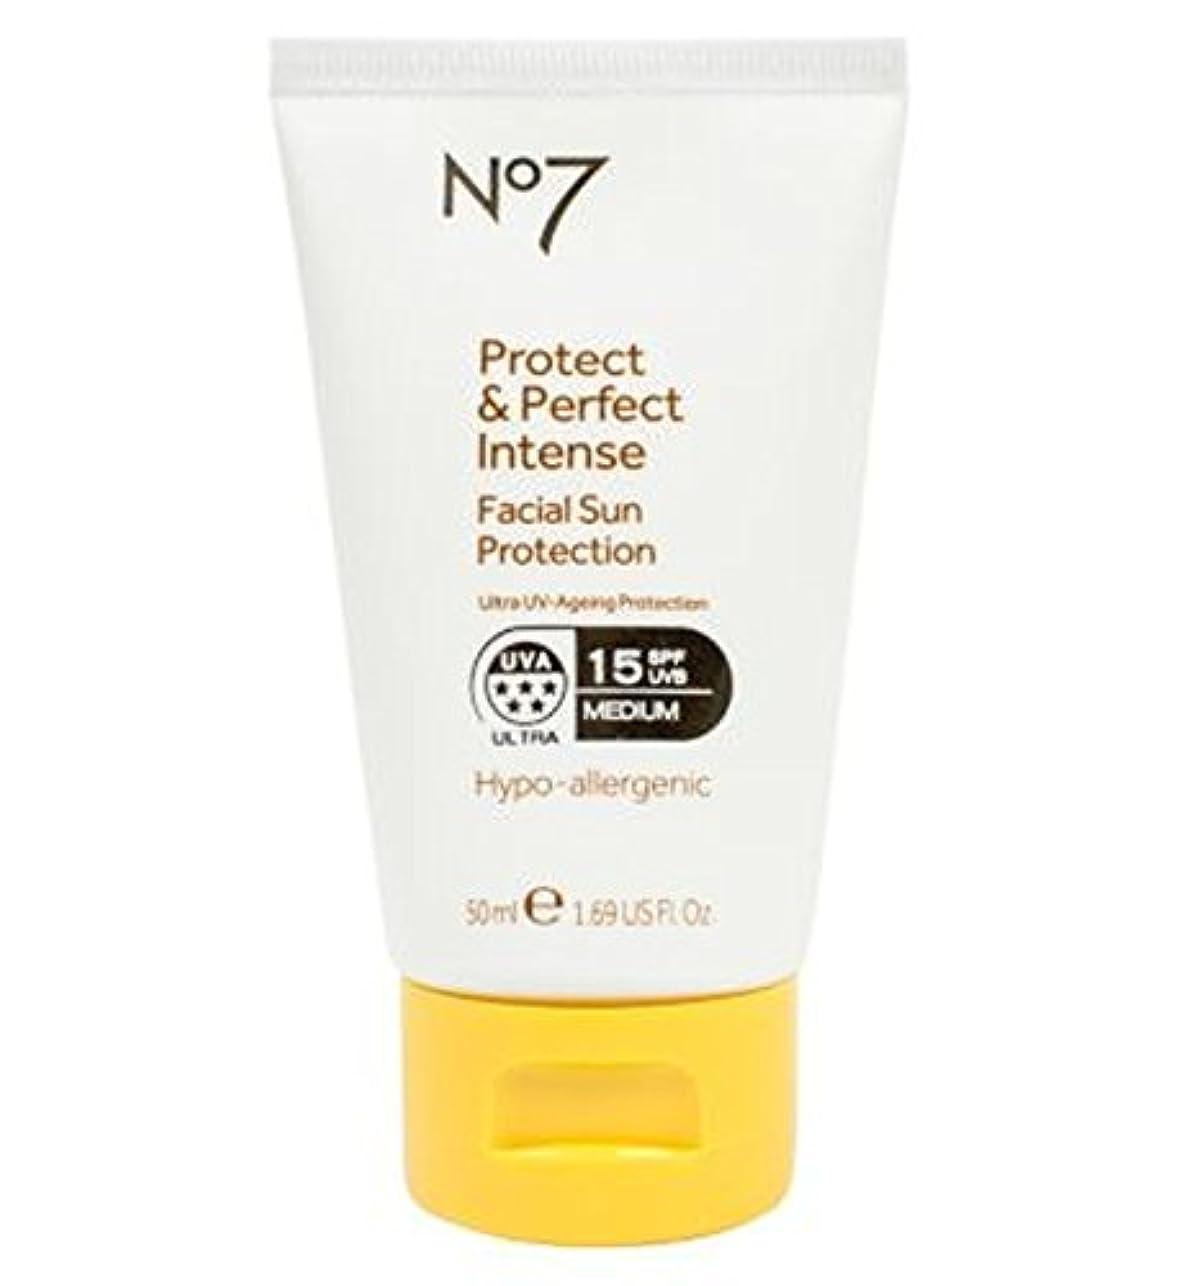 仕立て屋くそー騒々しいNo7保護&完璧な強烈な顔の日焼け防止Spf 15 50ミリリットル (No7) (x2) - No7 Protect & Perfect Intense Facial Sun Protection SPF 15 50ml (Pack of 2) [並行輸入品]